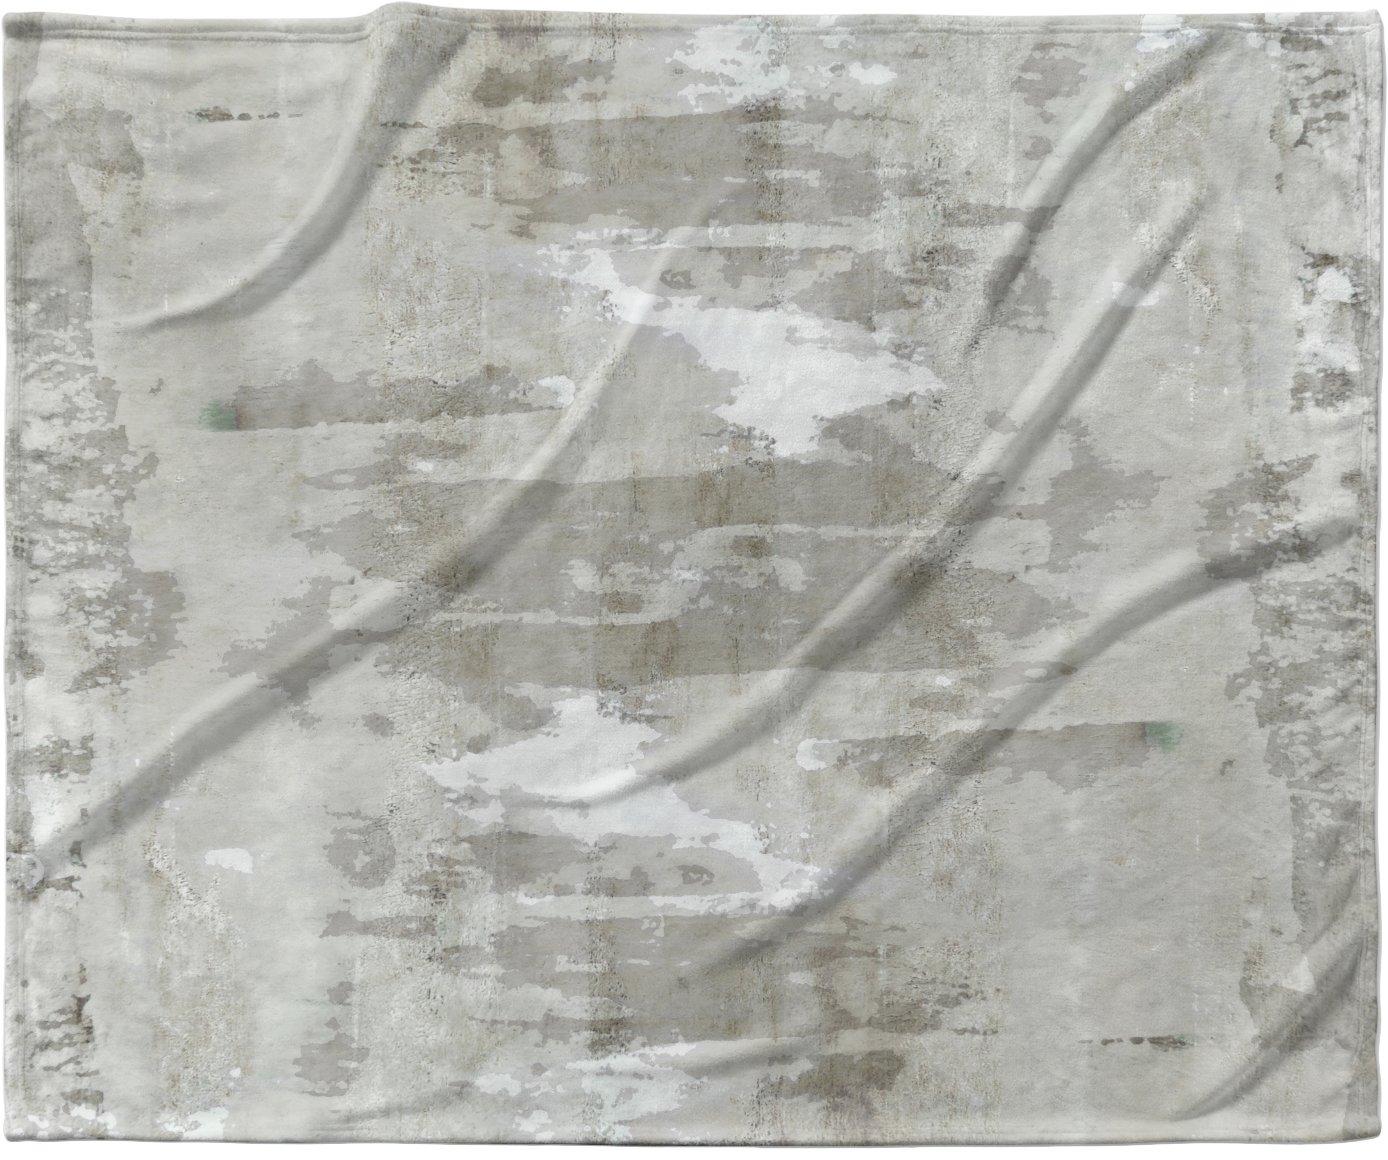 KESS InHouse CarolLynn Tice 'Effortless' Neutral Gray Fleece Baby Blanket, 40' x 30'